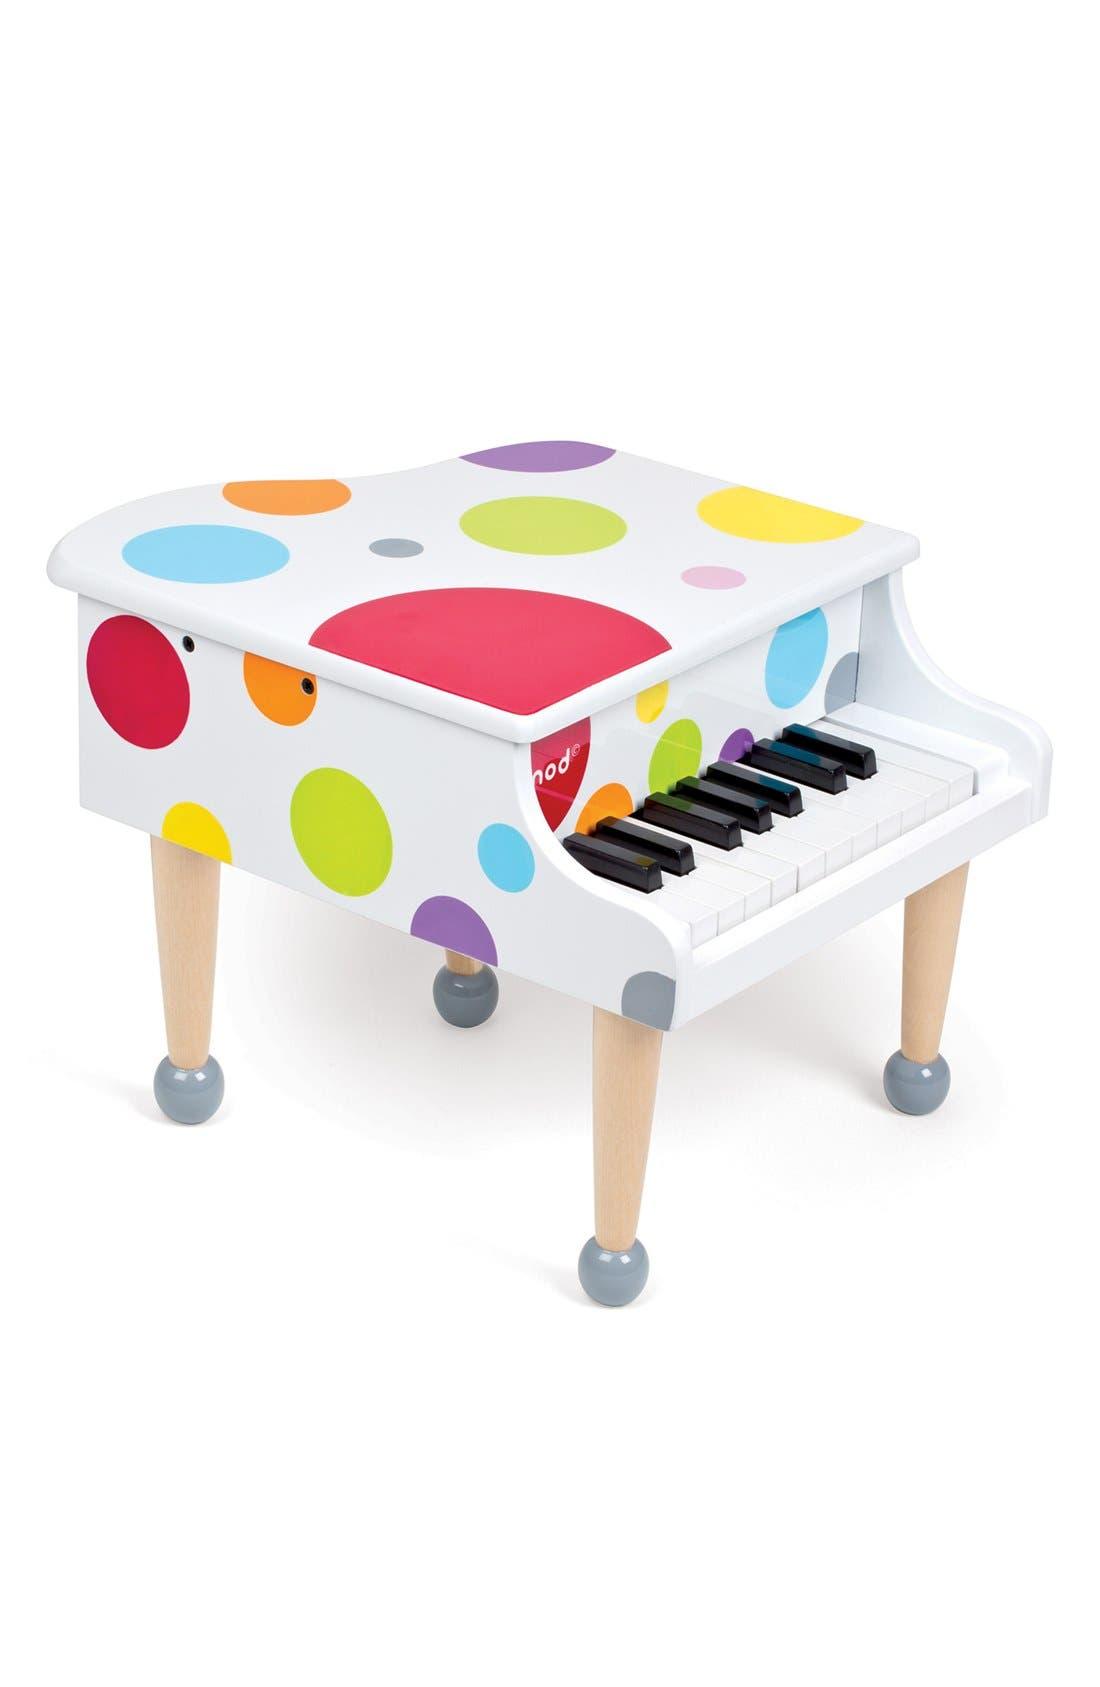 'Confetti' Grand Piano Play Set,                             Alternate thumbnail 2, color,                             MULTI